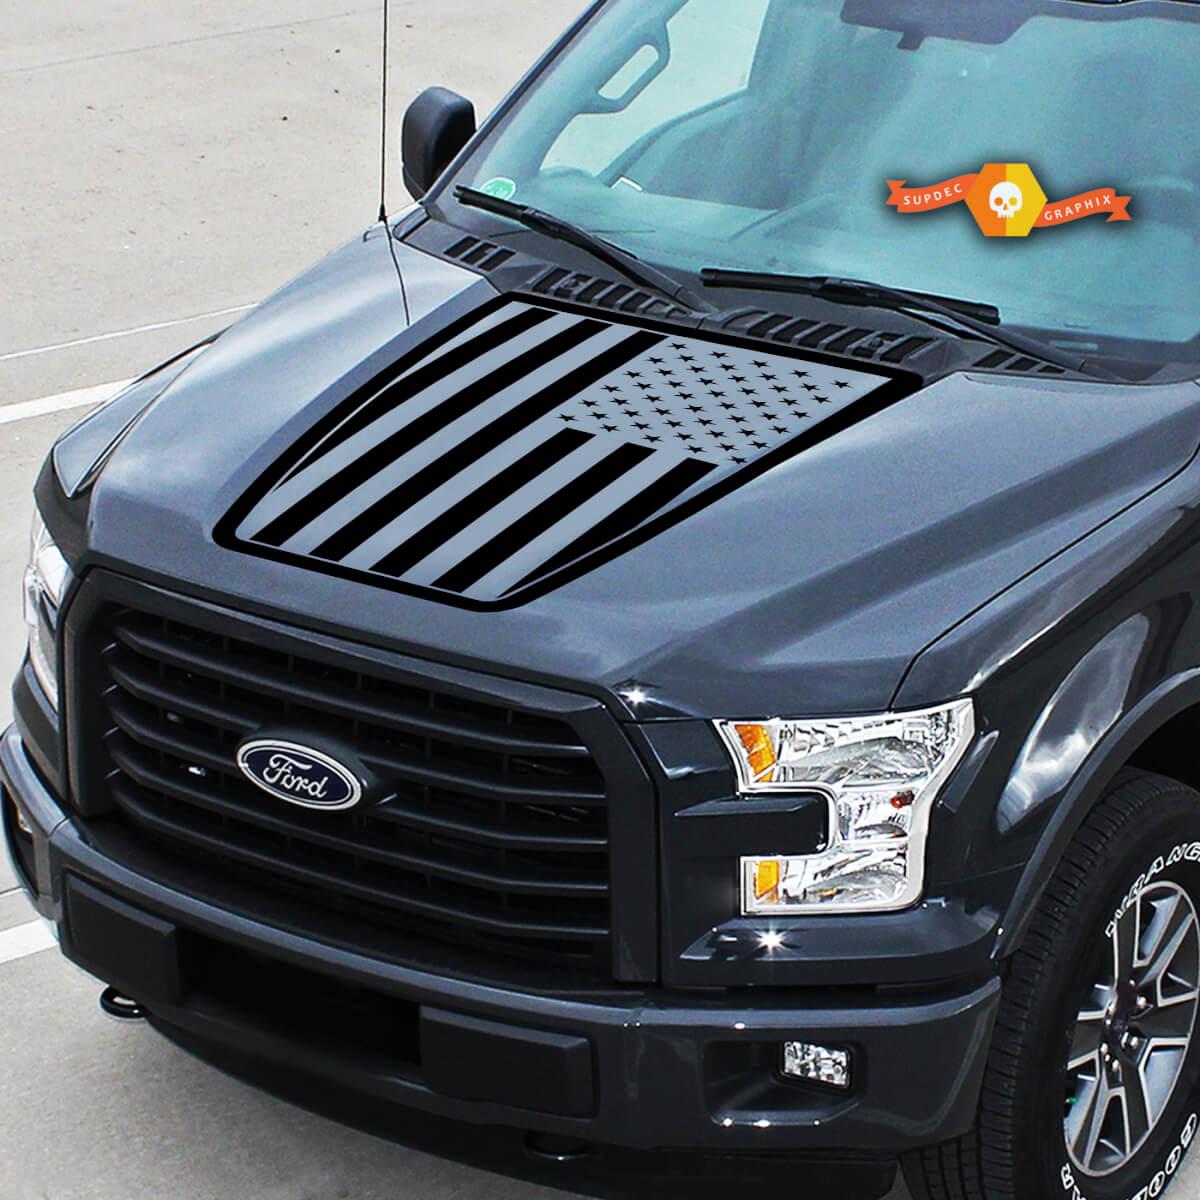 Passend für Ford Flag USA EcoBoost Center Motorhaube Grafikstreifen Vinyl Aufkleber LKW Aufkleber 15-20